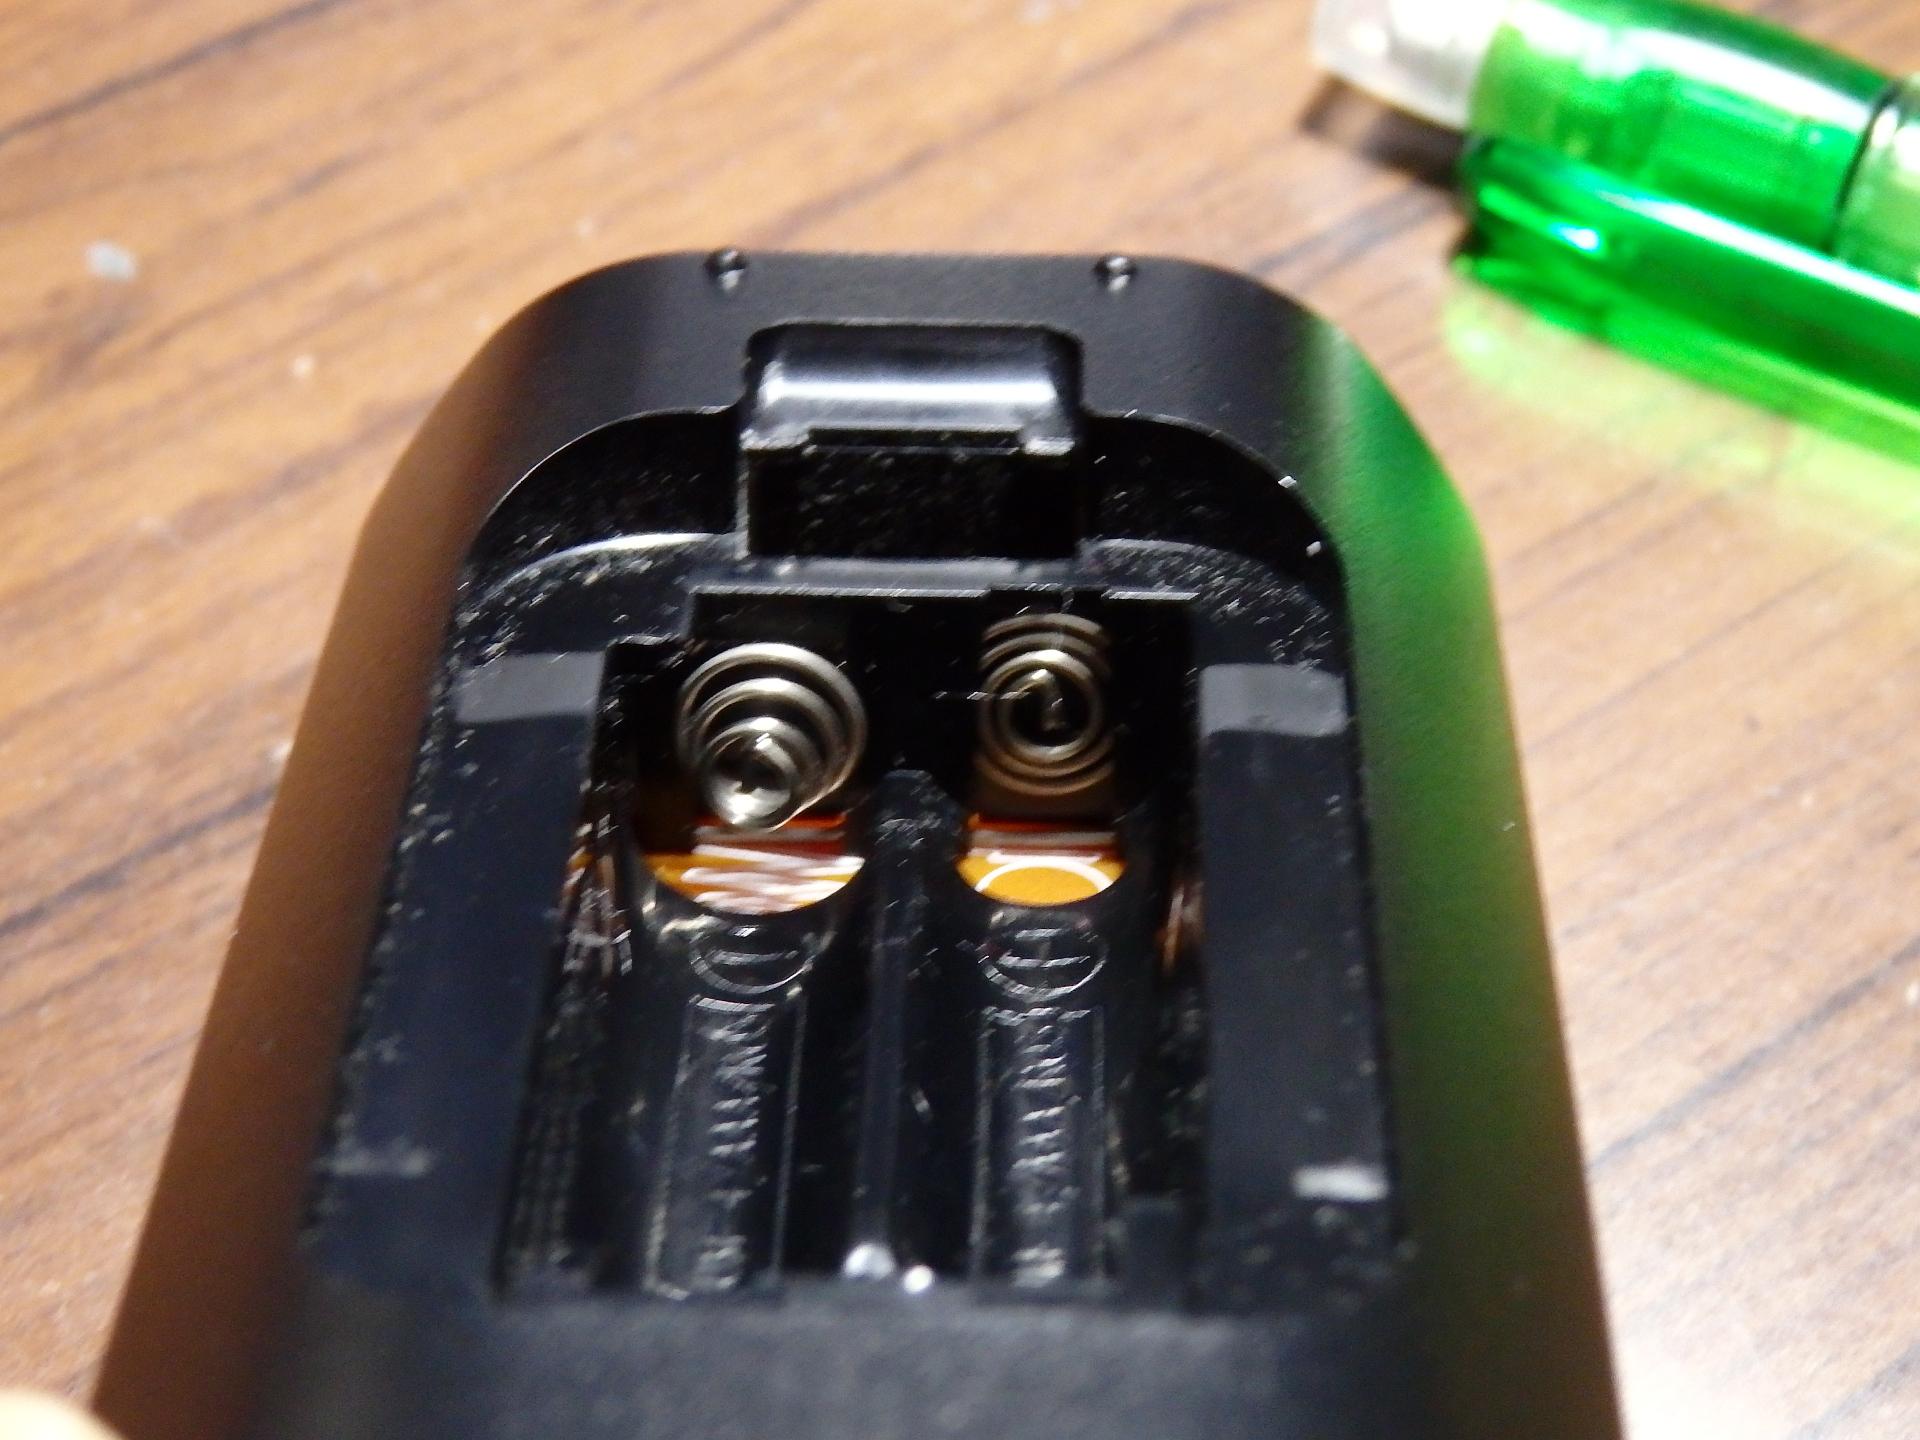 電極の作りがチャチなLGリモコンです。